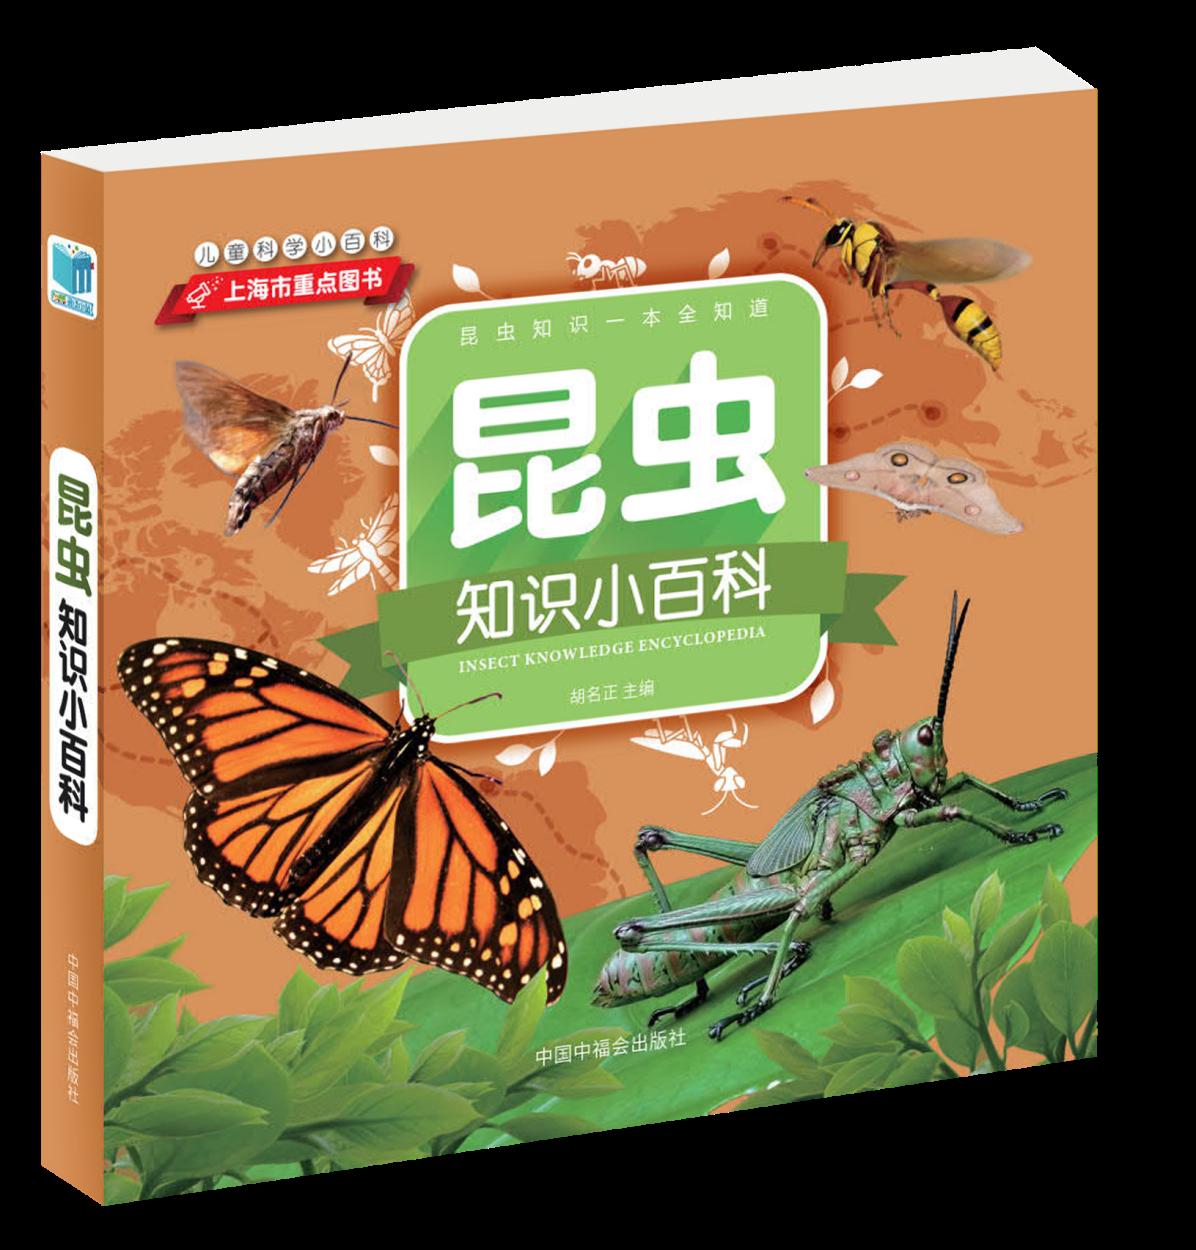 昆虫知识小百科 封面.png